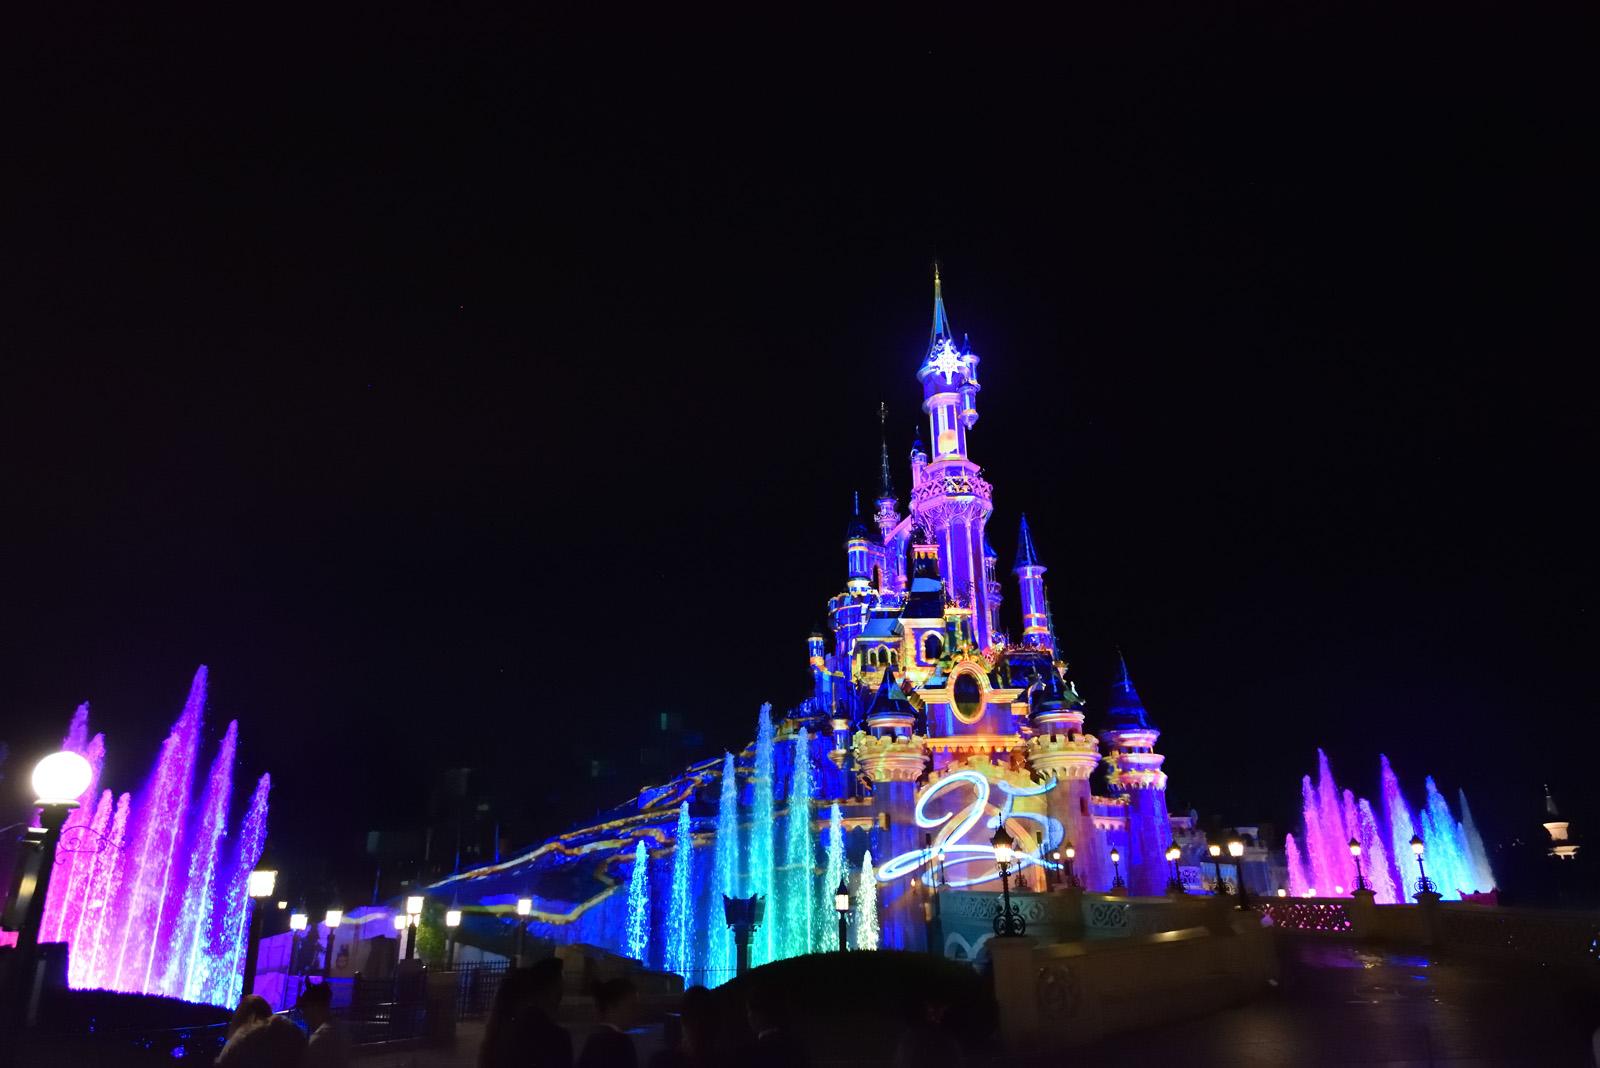 ディズニーランド・パリ Disneyland Paris